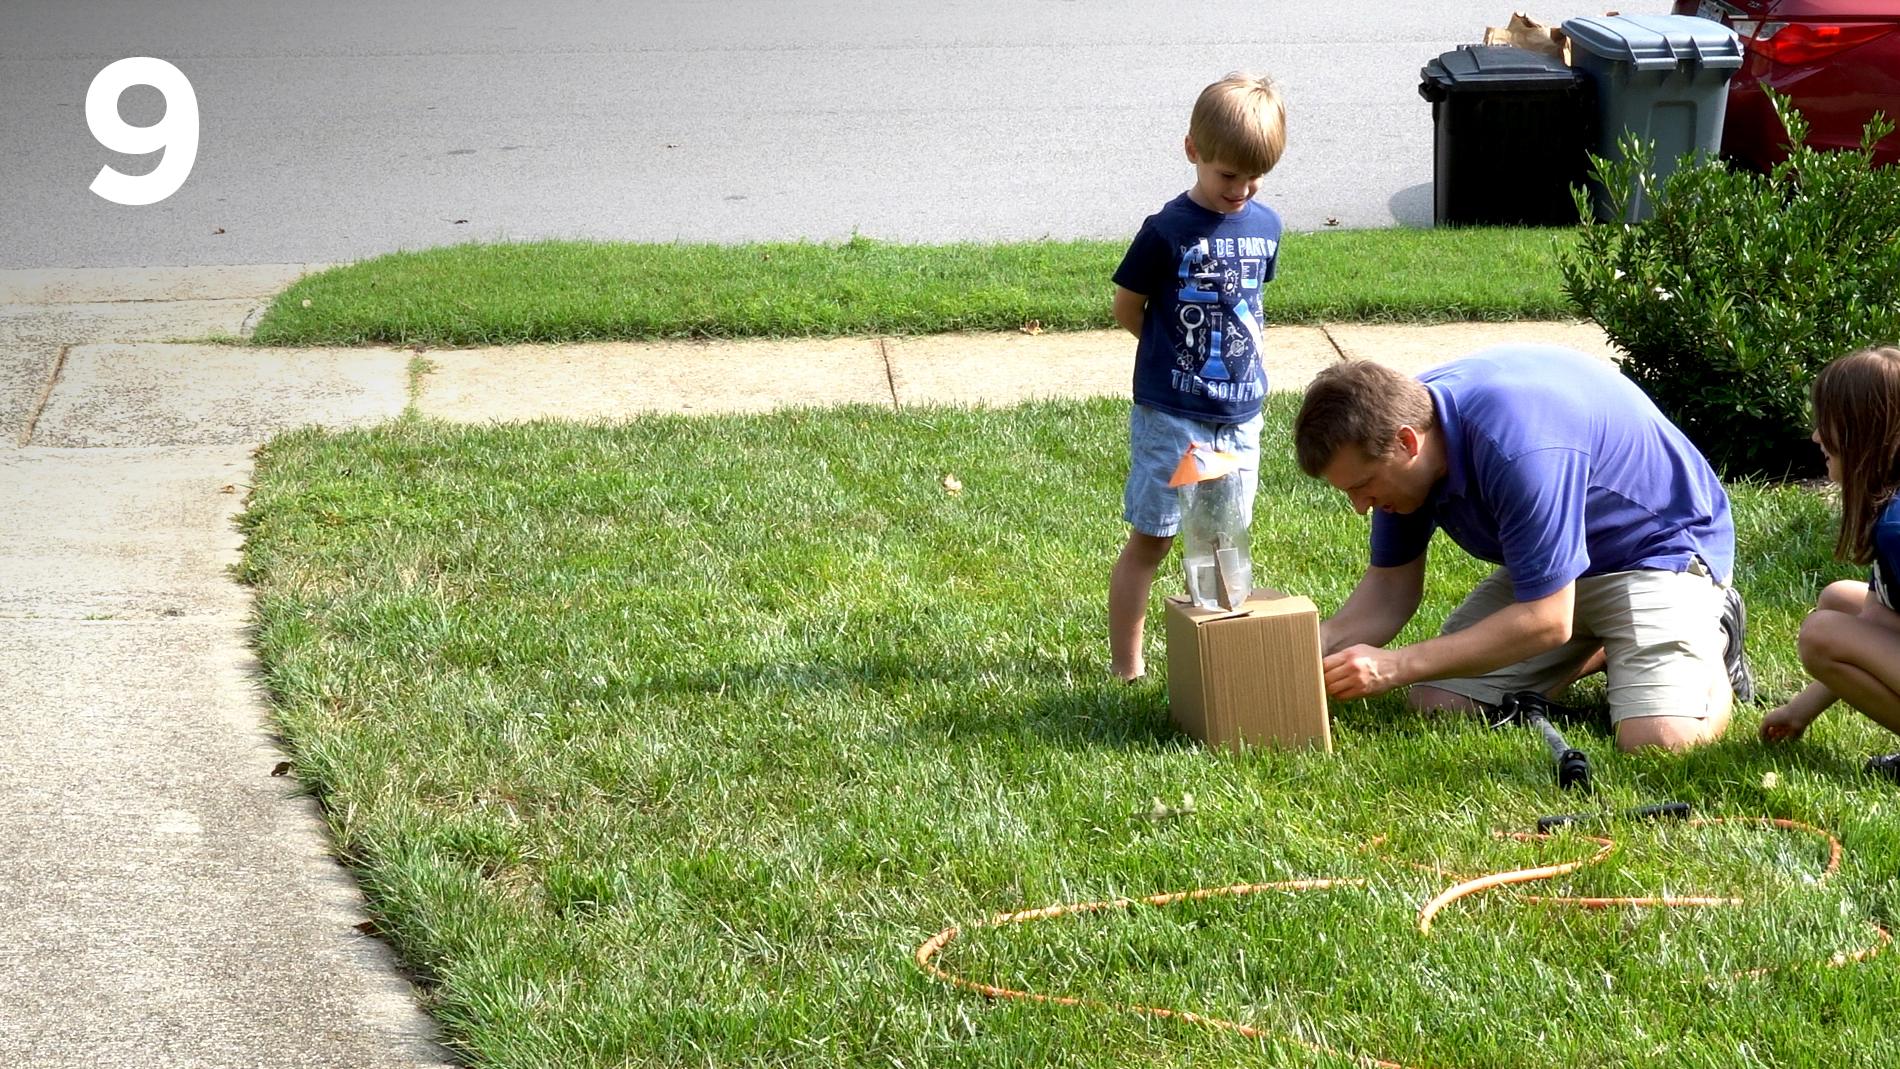 STEM at Home: Bottle Rocket 9